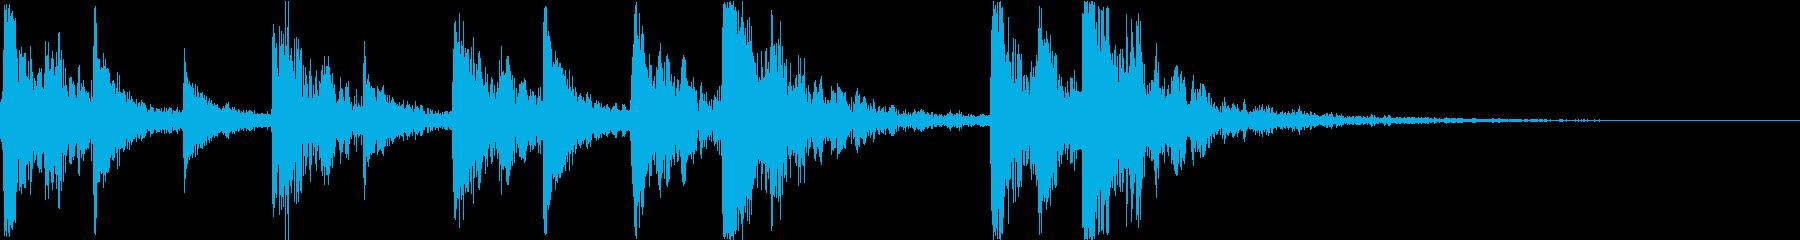 正月・江戸風、三味線・箏の和風ジングルの再生済みの波形